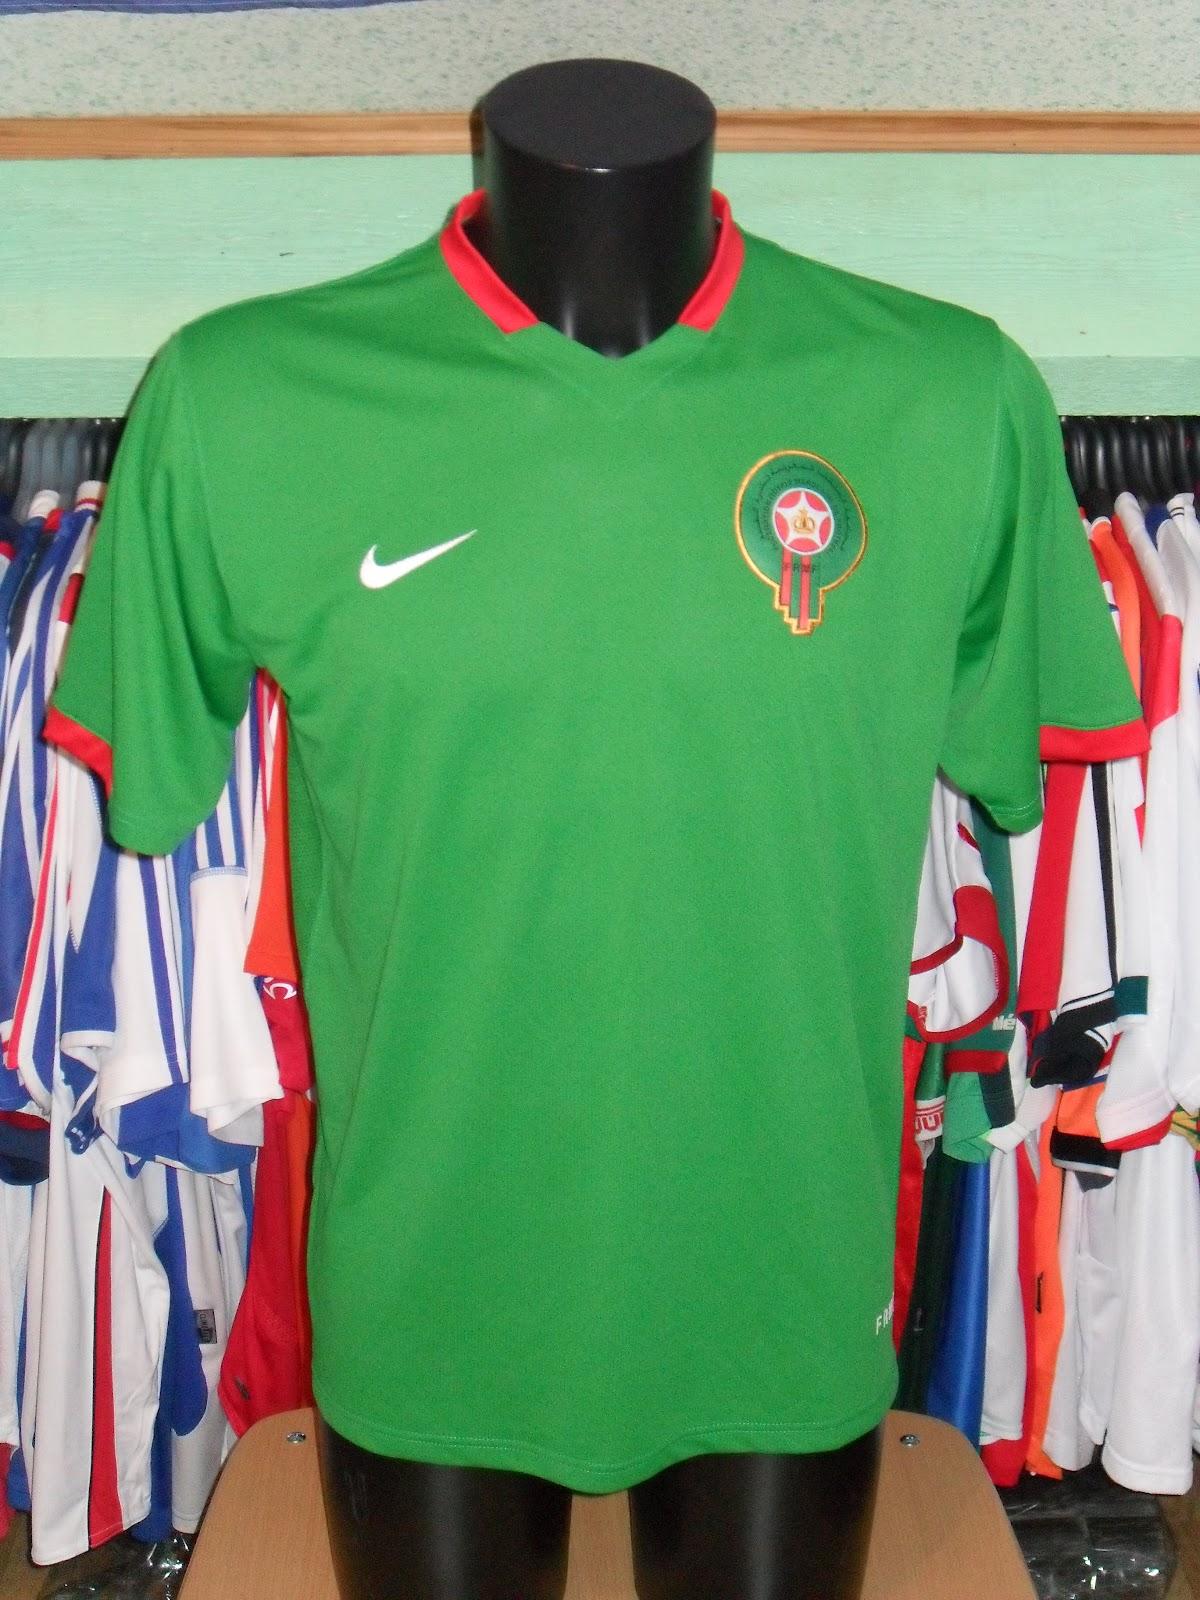 Mon grenier maillots maroc al maghrib morocco 2006 - Maroc coupe du monde 1998 ...